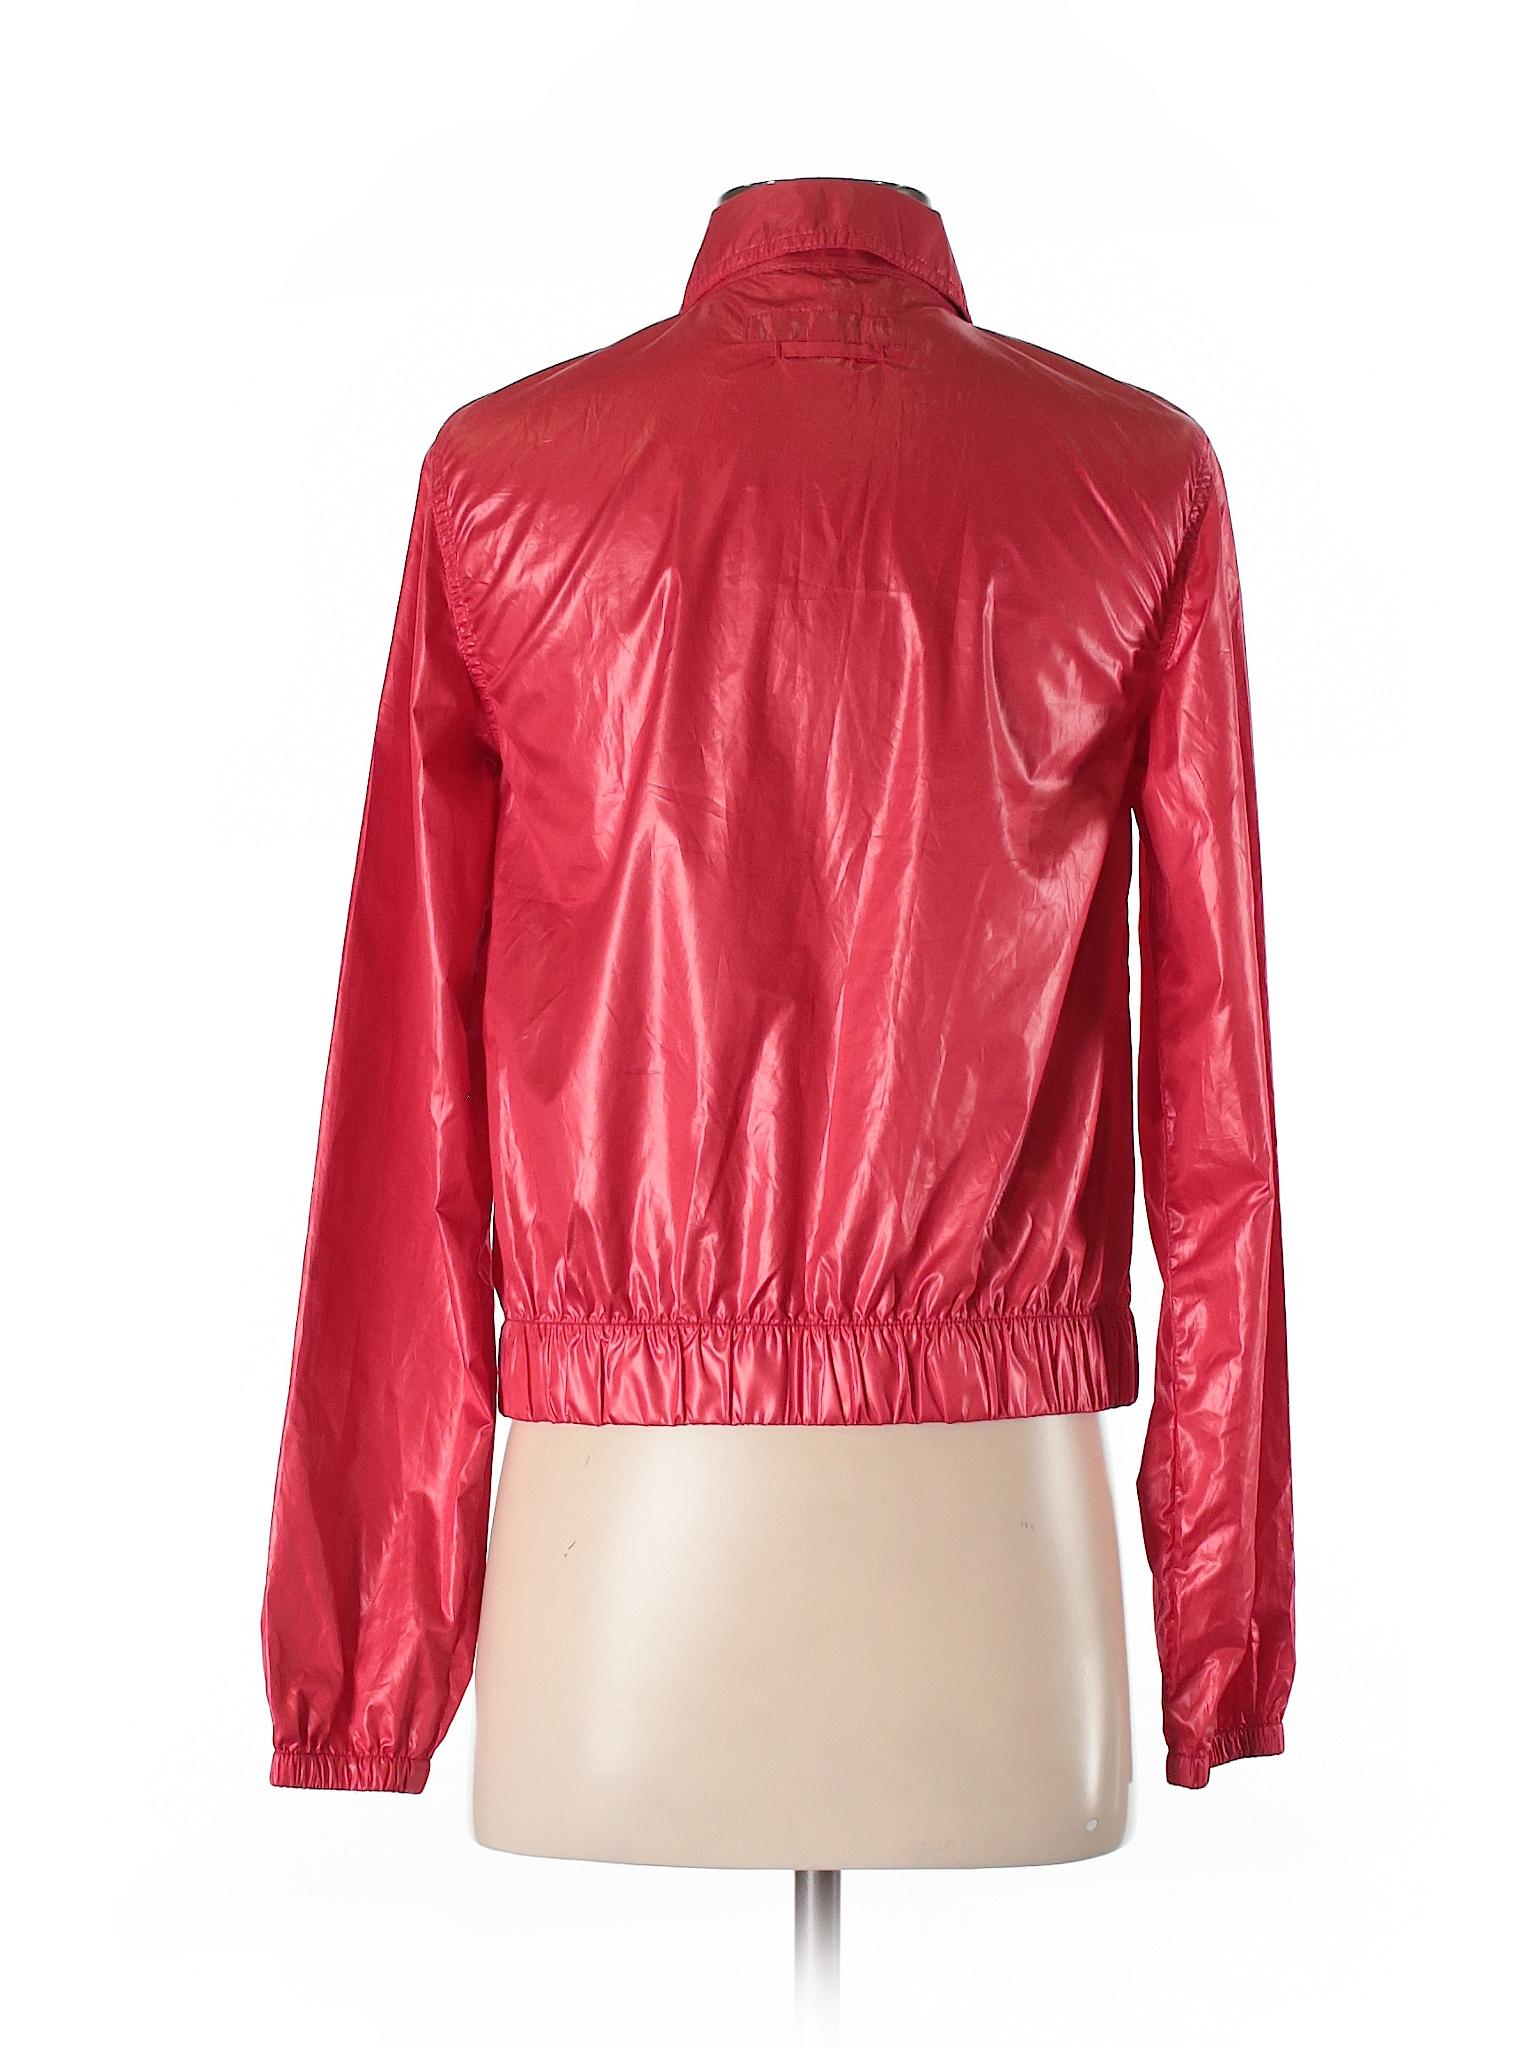 Target Jacket Schouler winter Proenza Leisure for XwxUqpFUZI